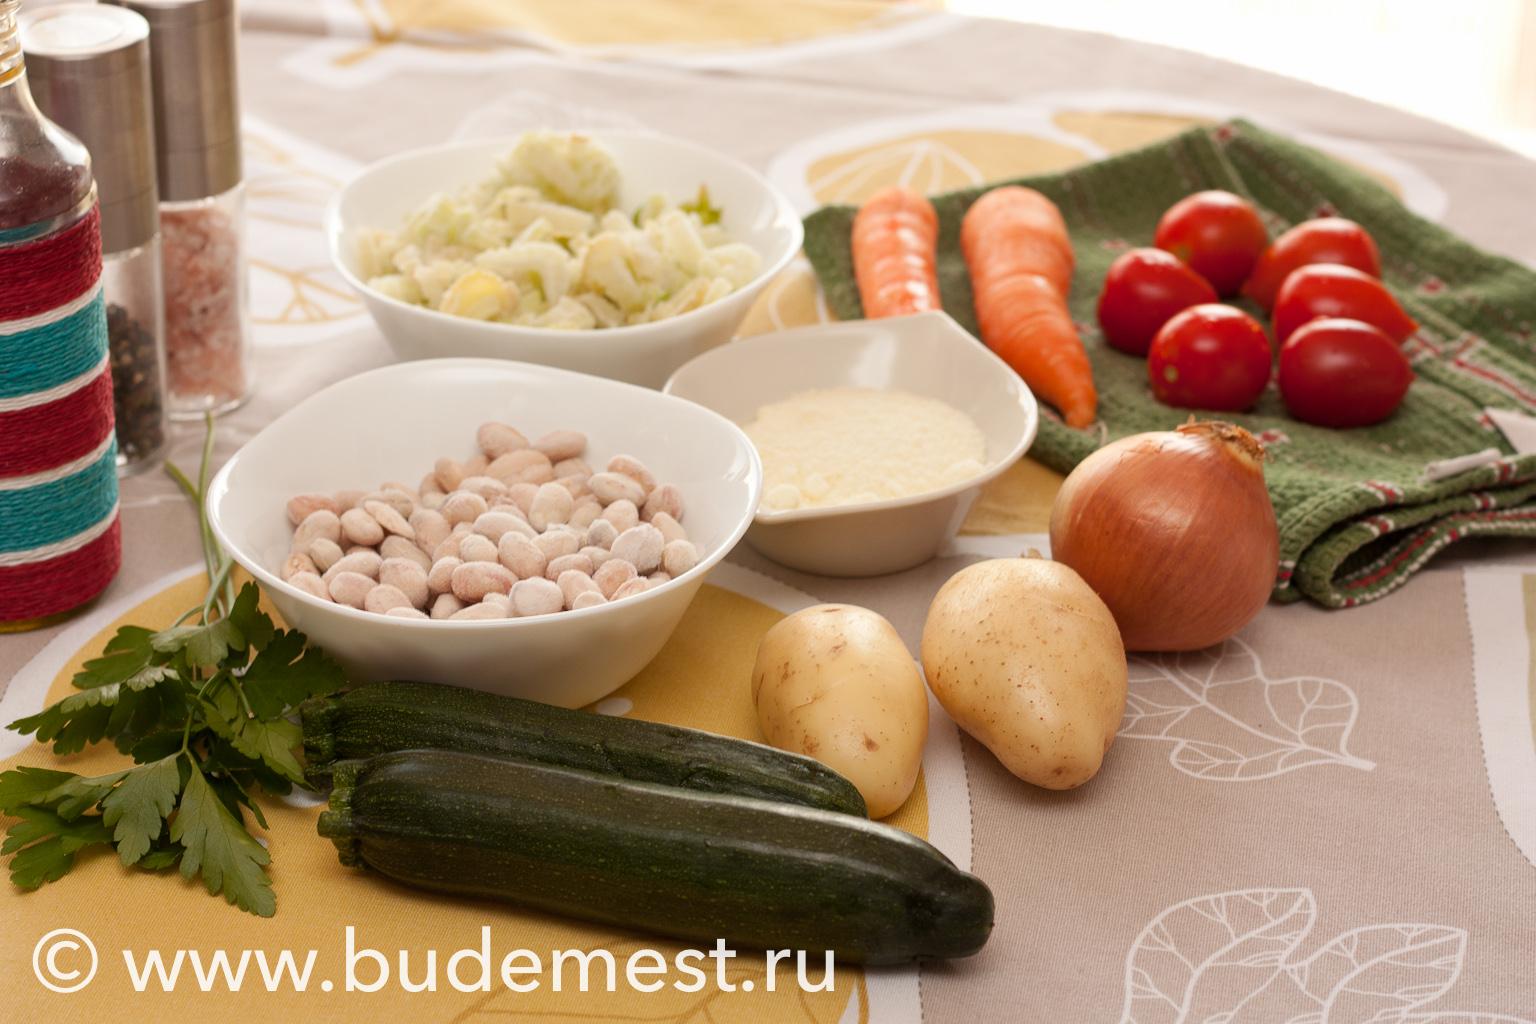 Ингредиенты для приготовления классического минестроне аль Итальяна